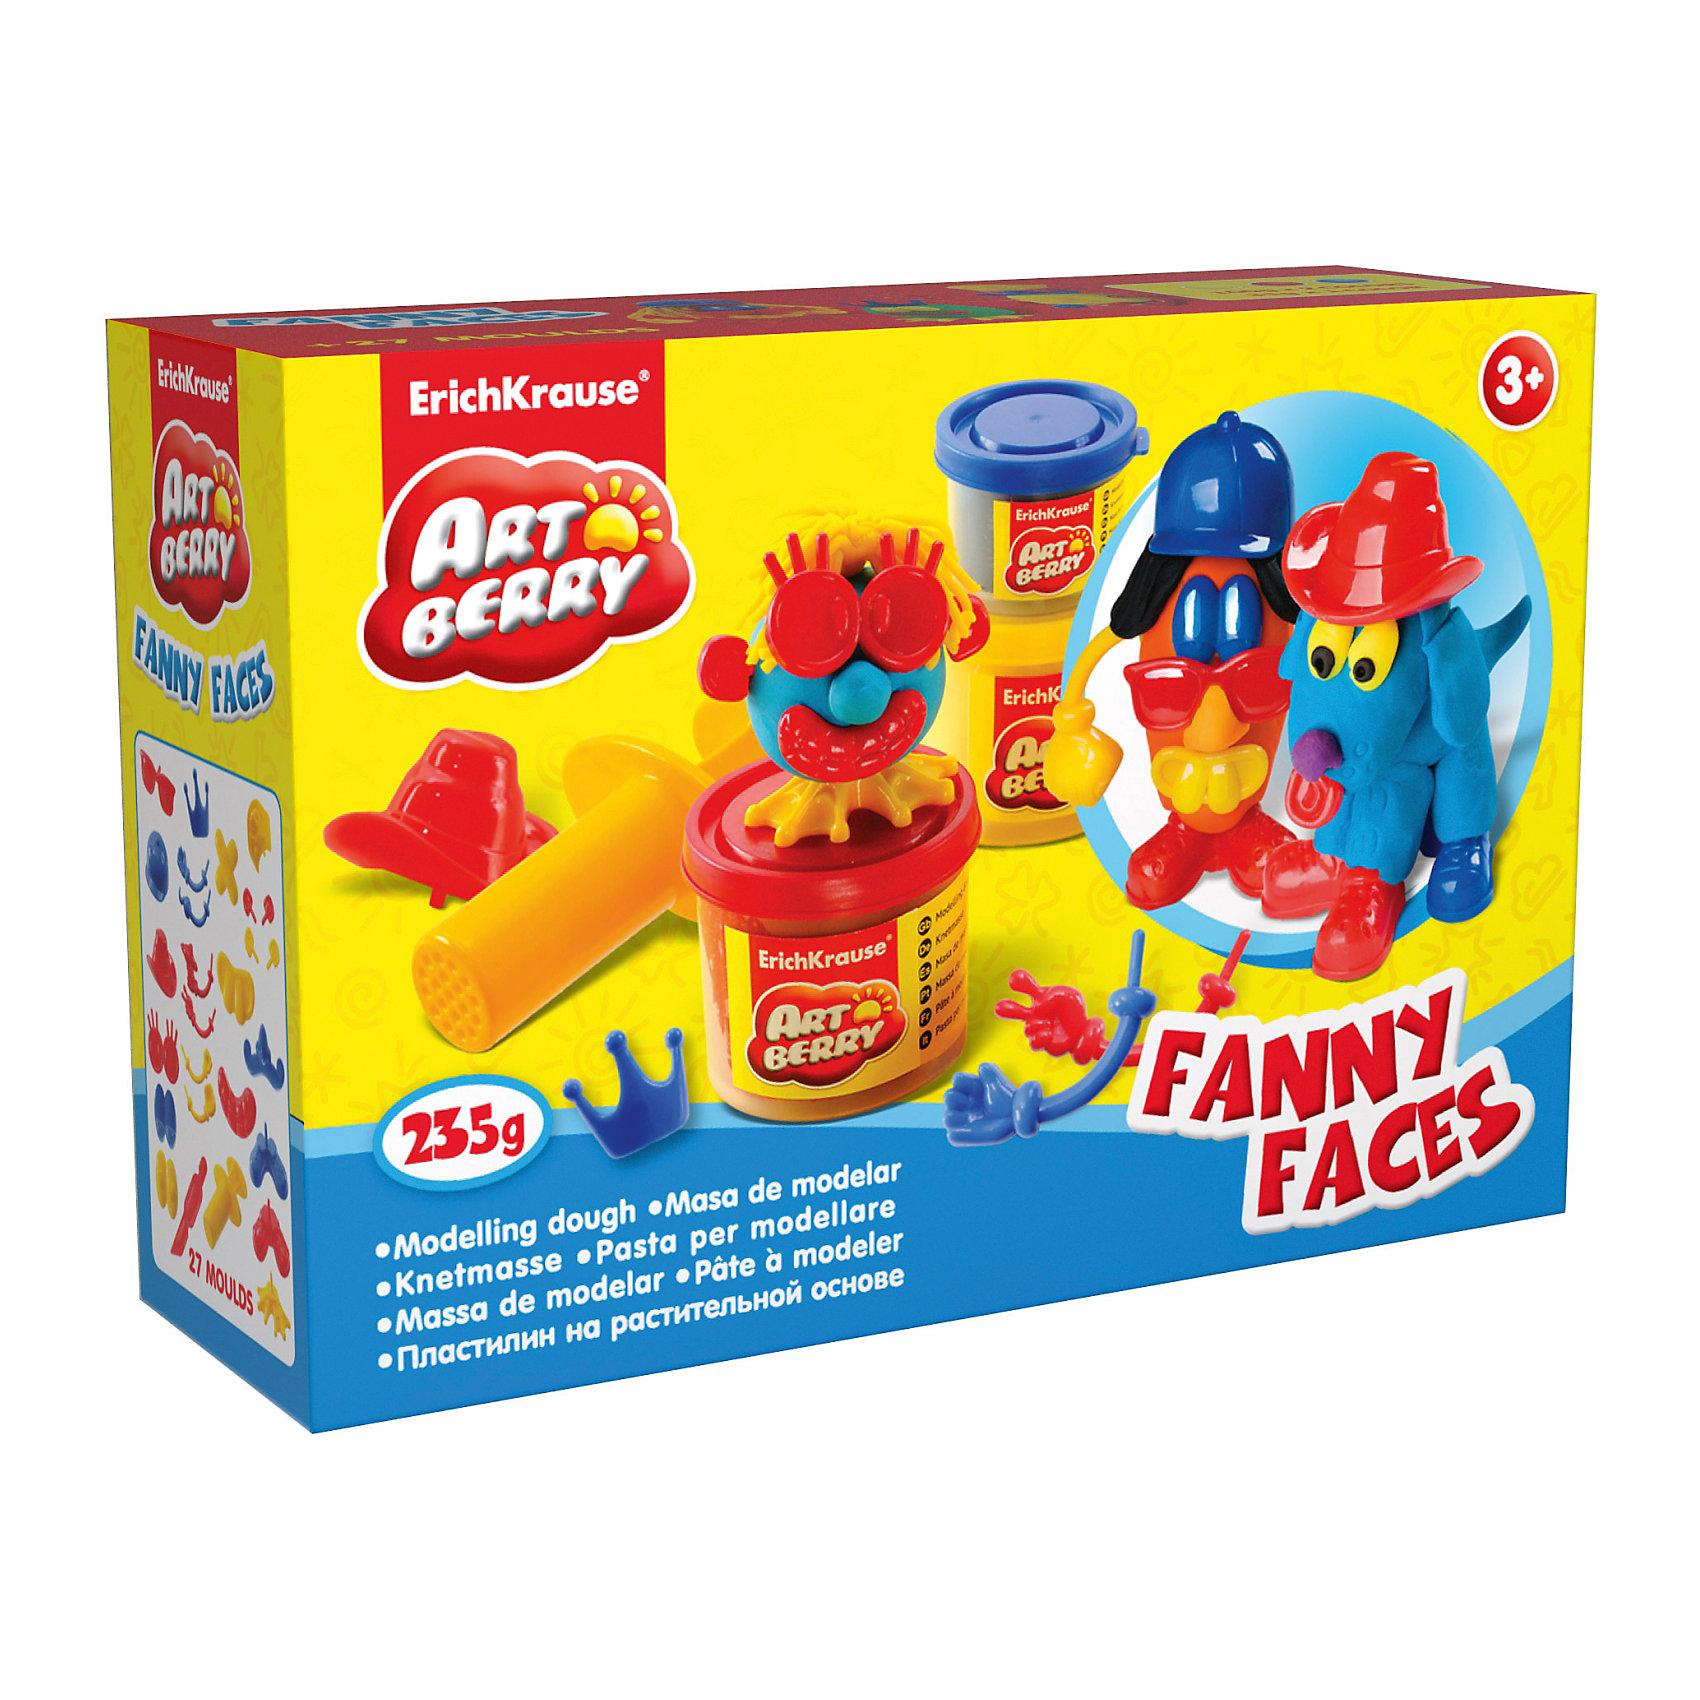 Набор для лепки: Пластилин на растительной основе Funny Faces 2 цвета по 100г, 1 цвет 35гЛепка<br>Состав: 2 цвета пластилина по 100 г, 1 цвет пластилина 35 г + 25 игровых декоративных элементов, шприц, стек Упаковка: картонная коробка в термоплёнке<br><br>Ширина мм: 315<br>Глубина мм: 230<br>Высота мм: 78<br>Вес г: 488<br>Возраст от месяцев: 60<br>Возраст до месяцев: 216<br>Пол: Унисекс<br>Возраст: Детский<br>SKU: 3293876